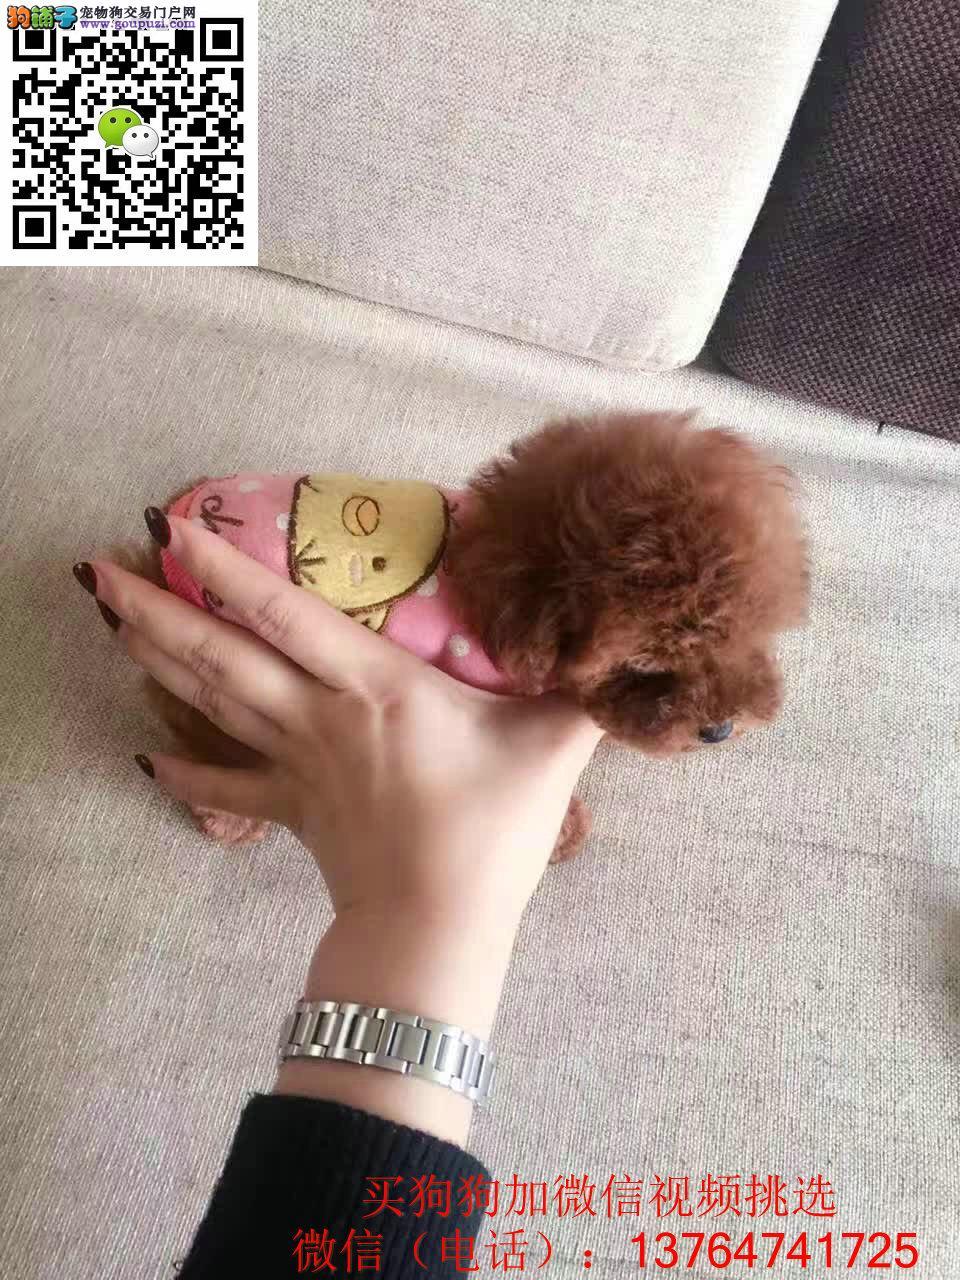 厦门泰迪犬价格出售 厦门泰迪幼犬多少钱